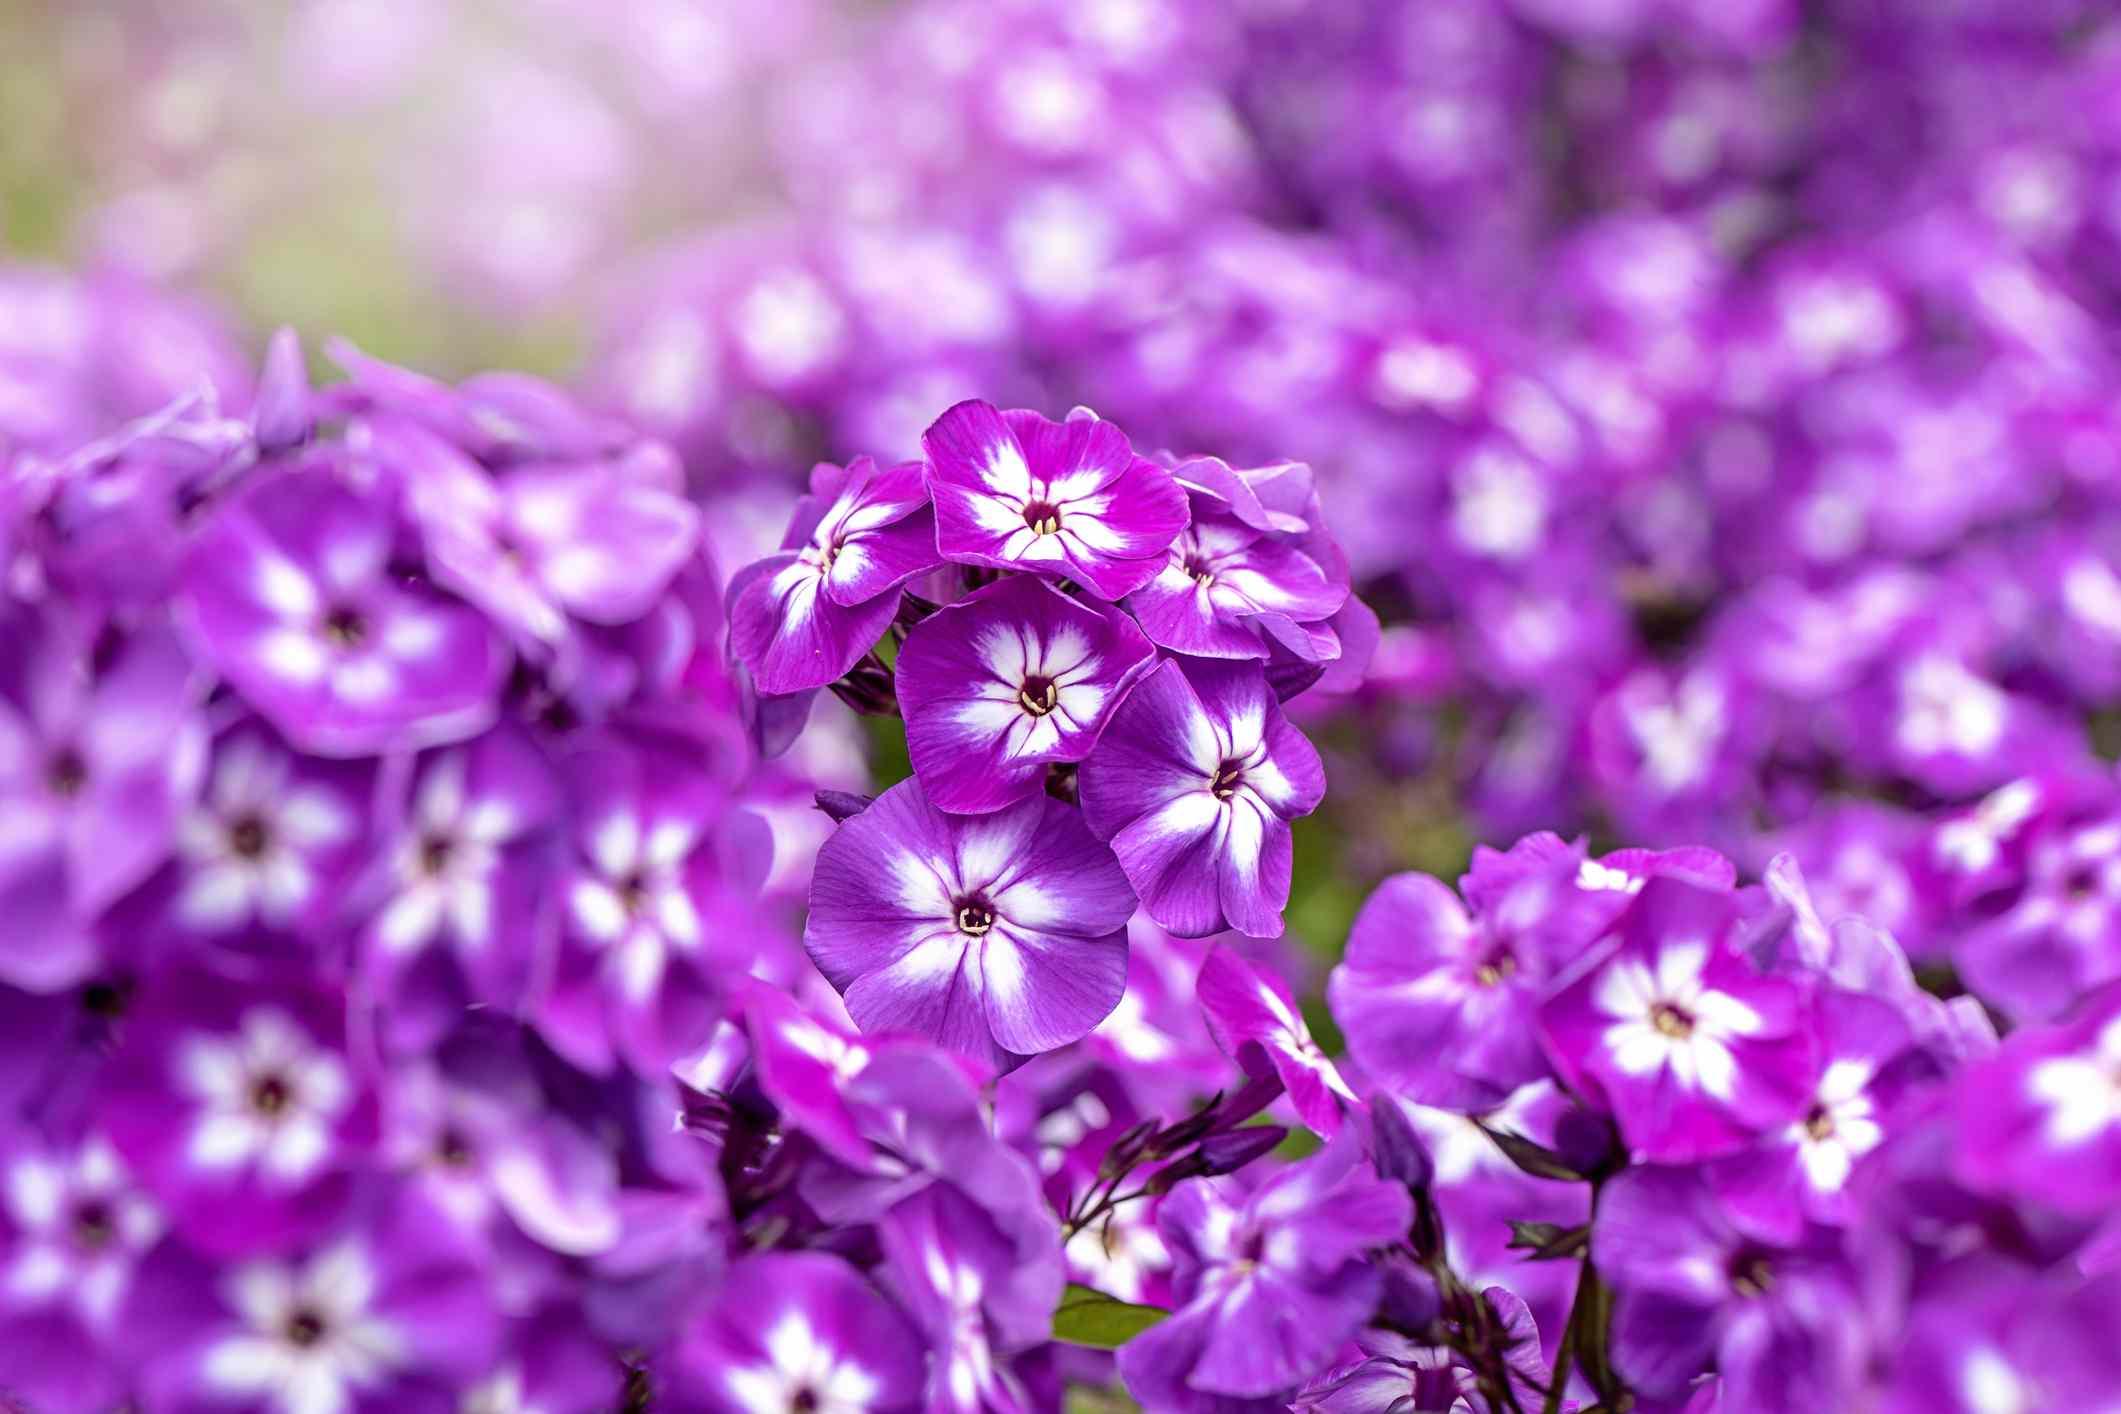 Closeup of deep-pink garden phlox flowers.